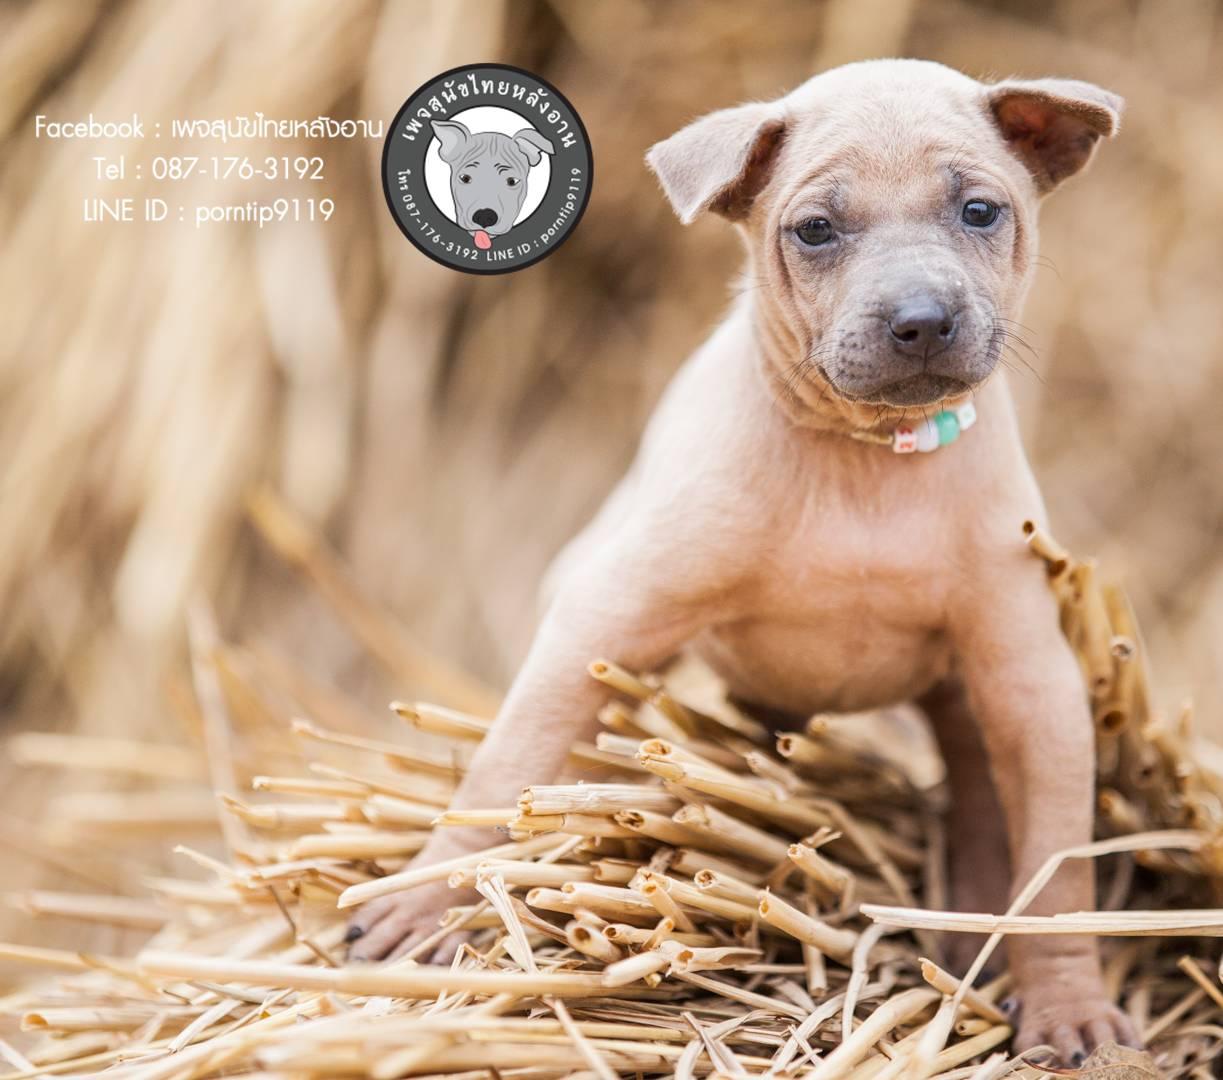 สุนัขไทยหลังอาน ขายสุนัขไทยหลังอาน   ลูกสุนัขไทยหลังอานnet-0094